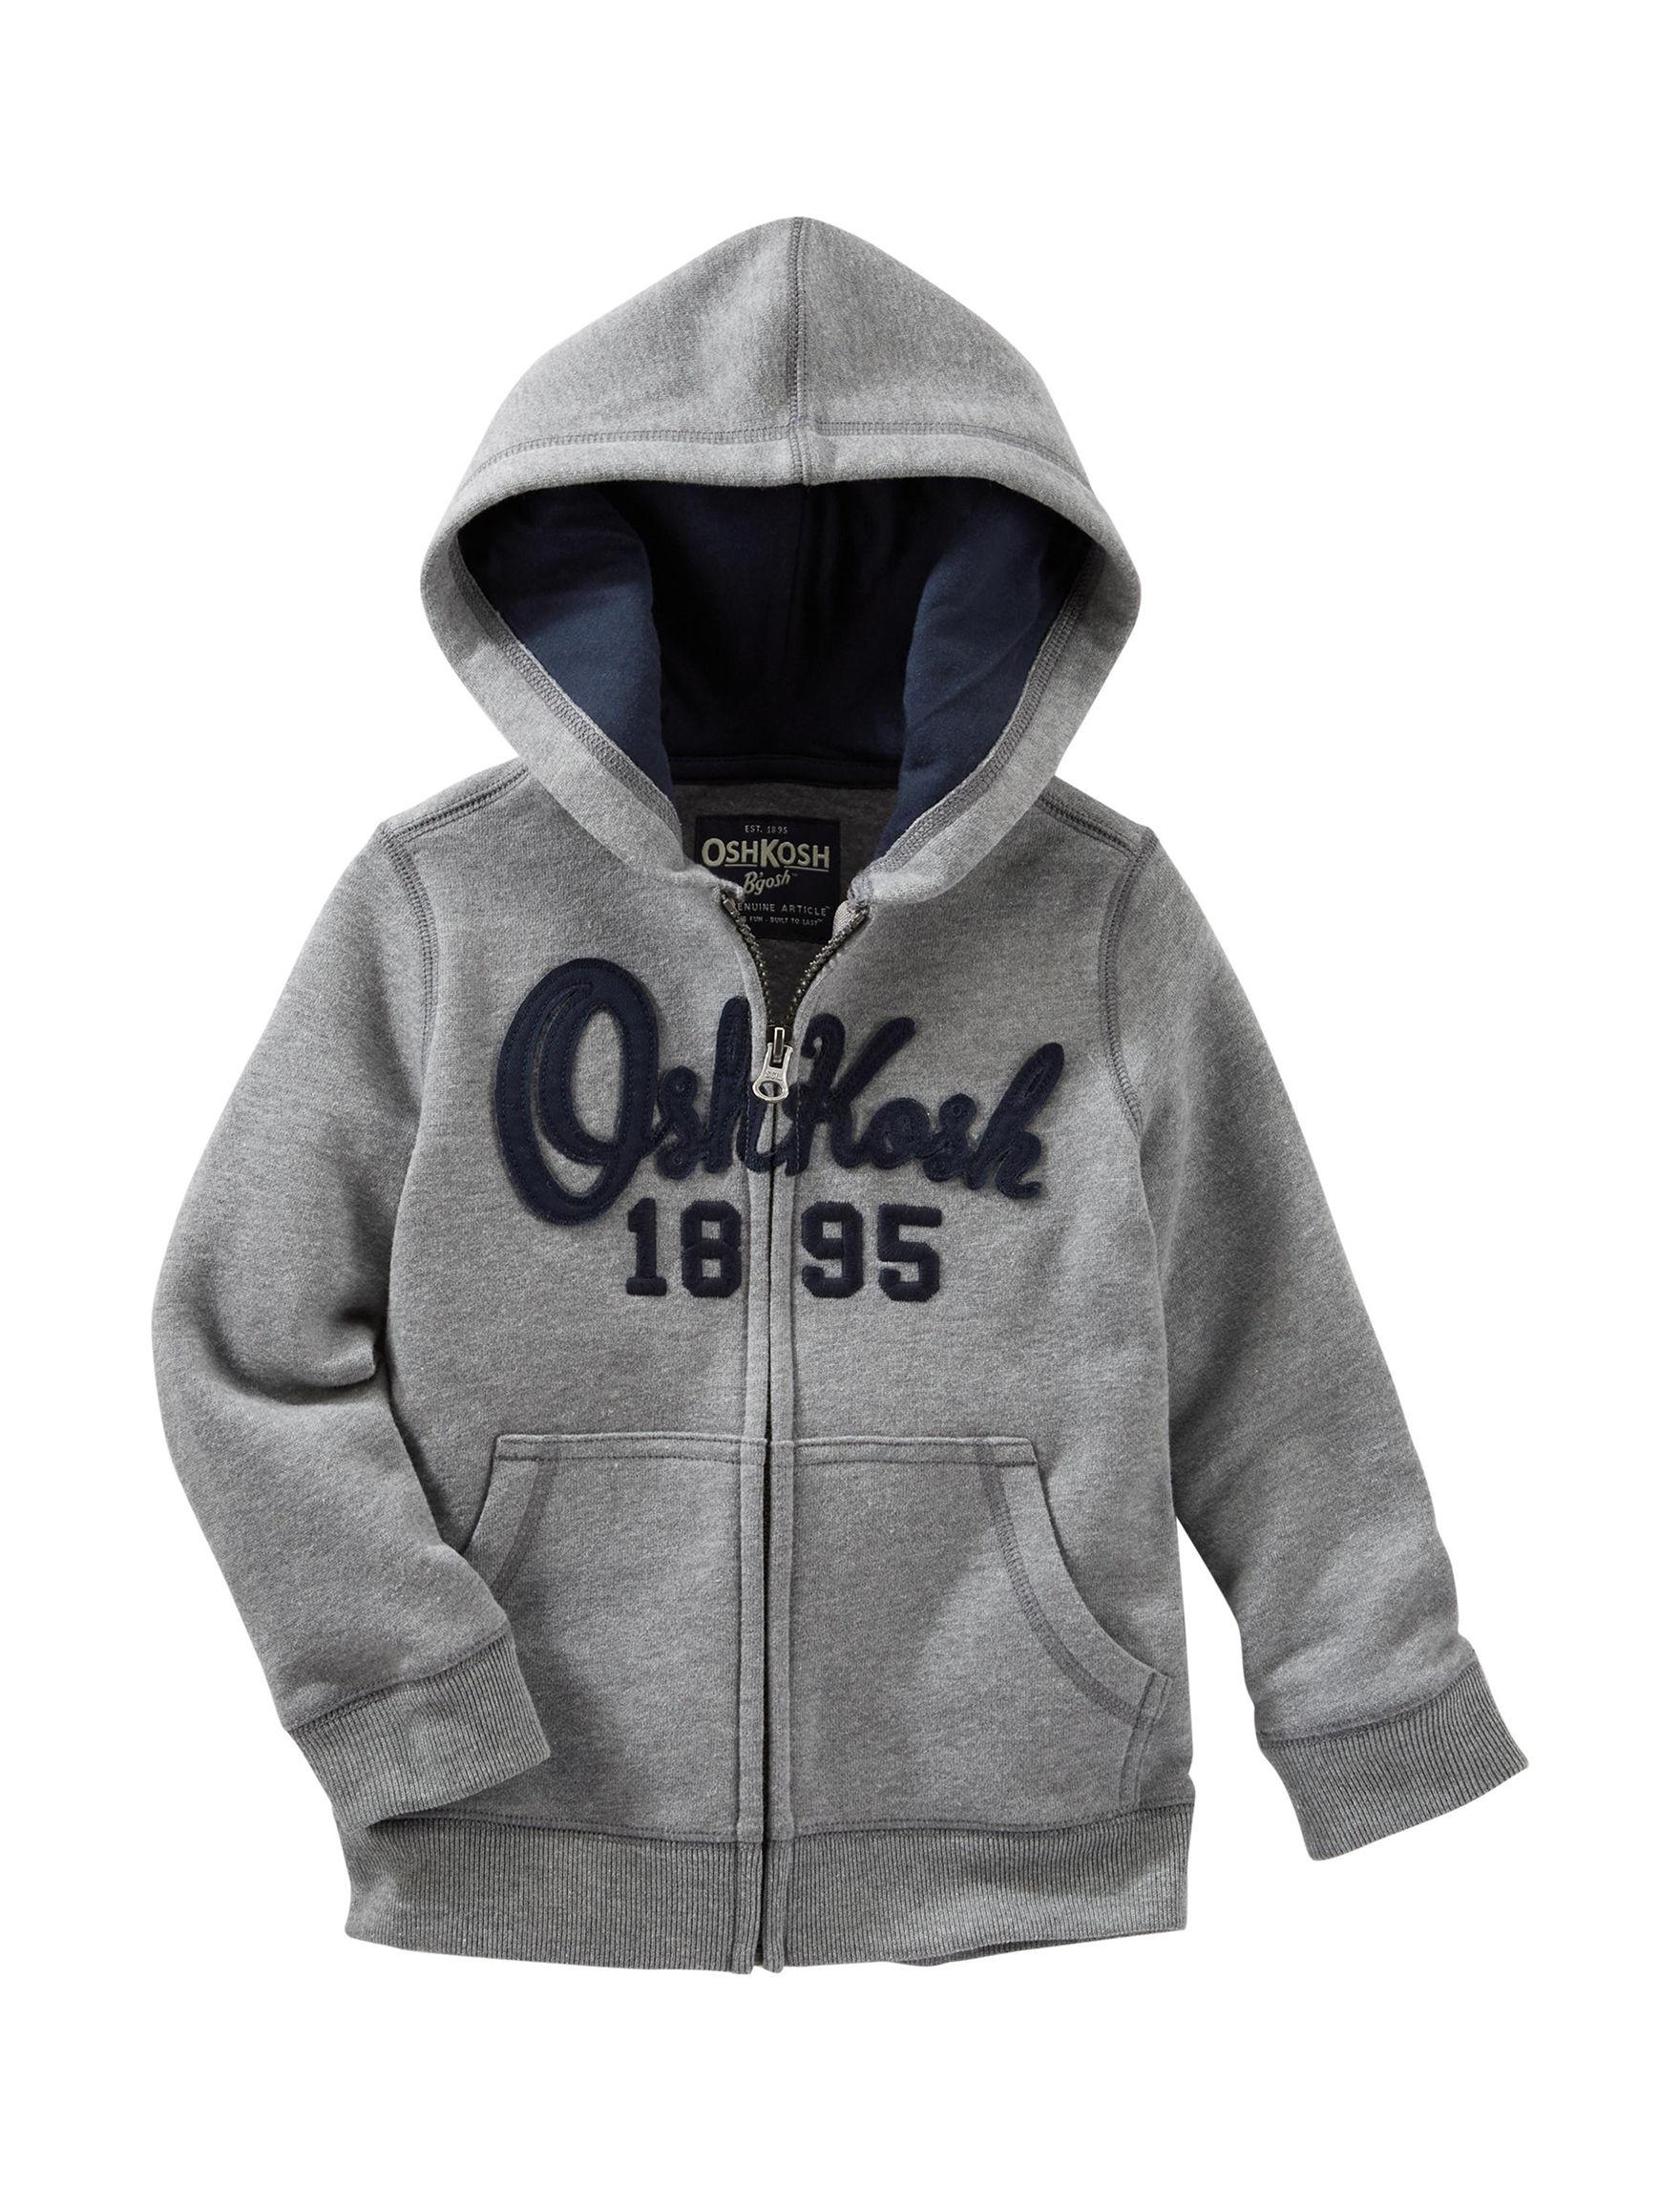 Oshkosh B'Gosh Grey